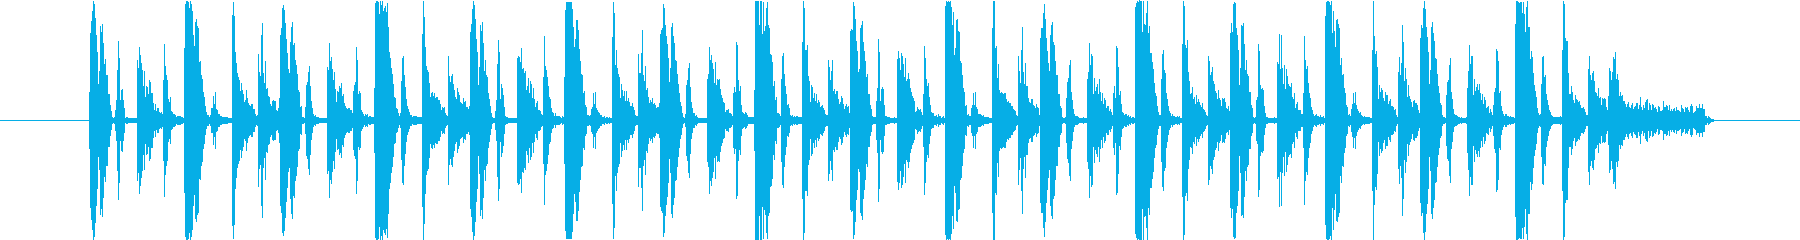 ファンキーなリズムの再生済みの波形